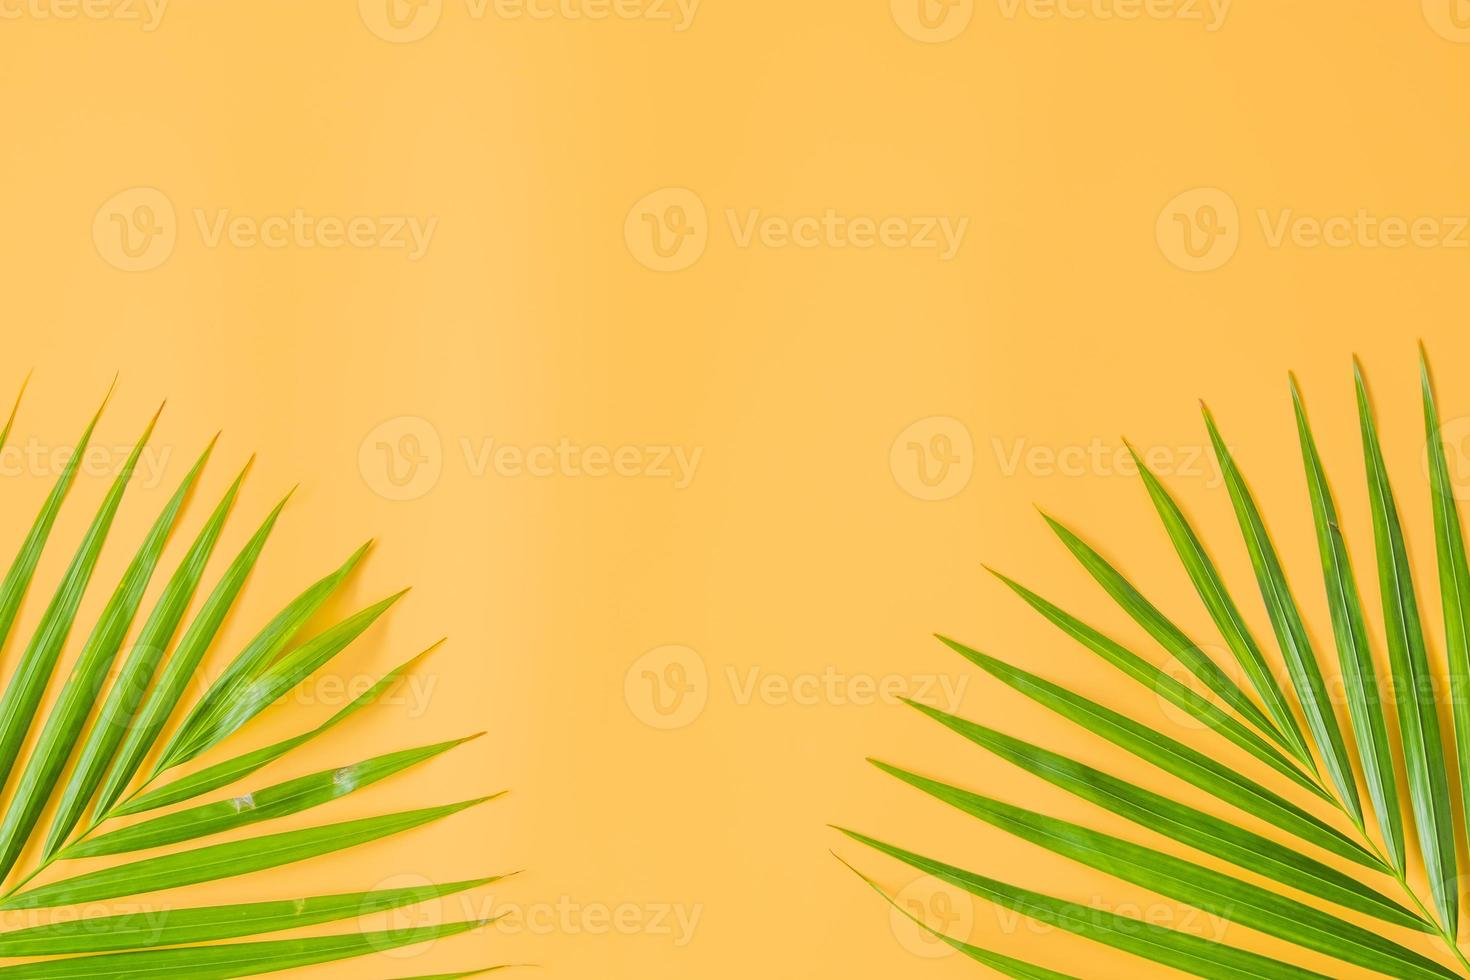 Palm leaves isolated on orange background photo